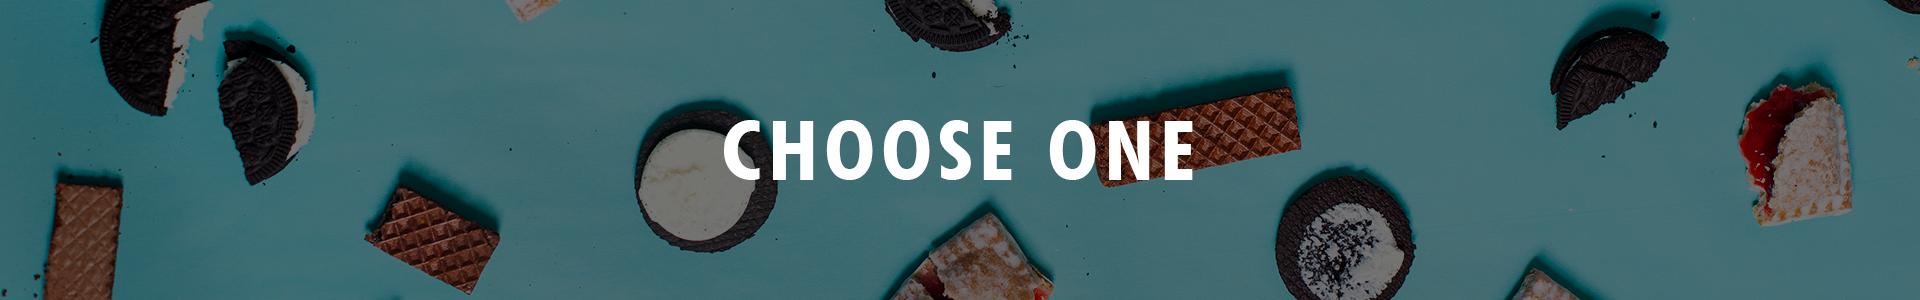 Choose One.jpg